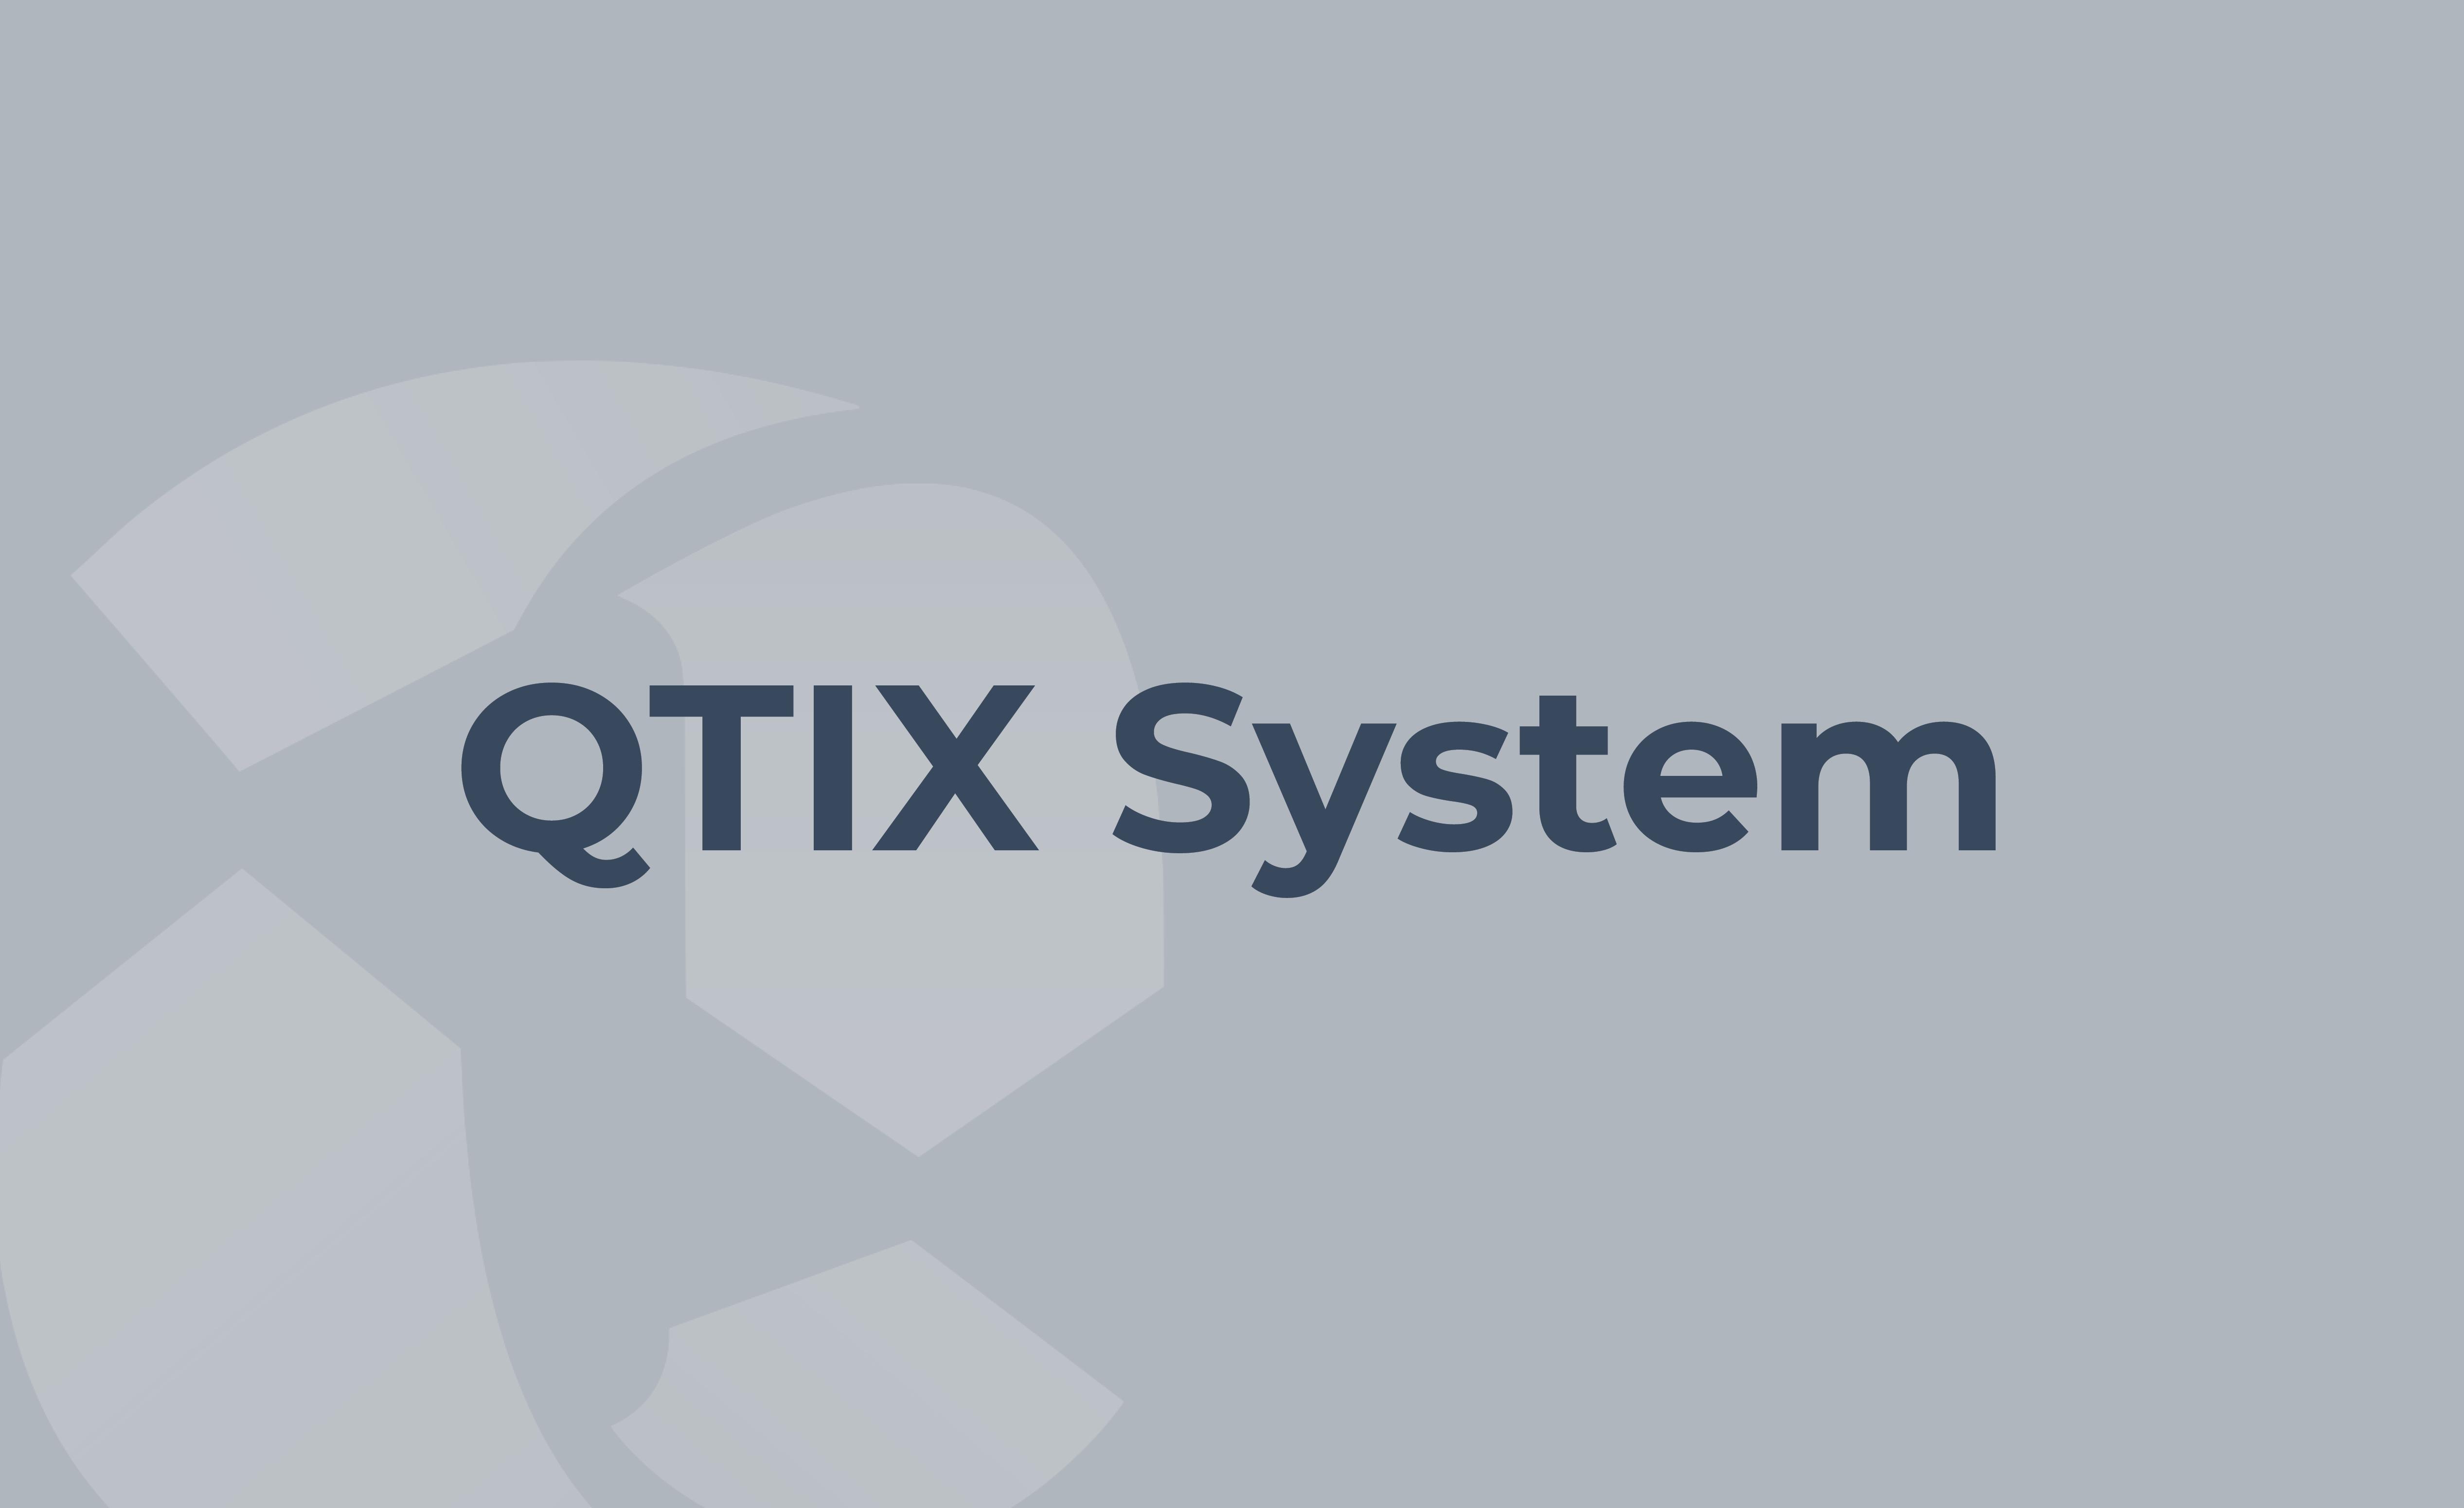 Matrix_QTIX System